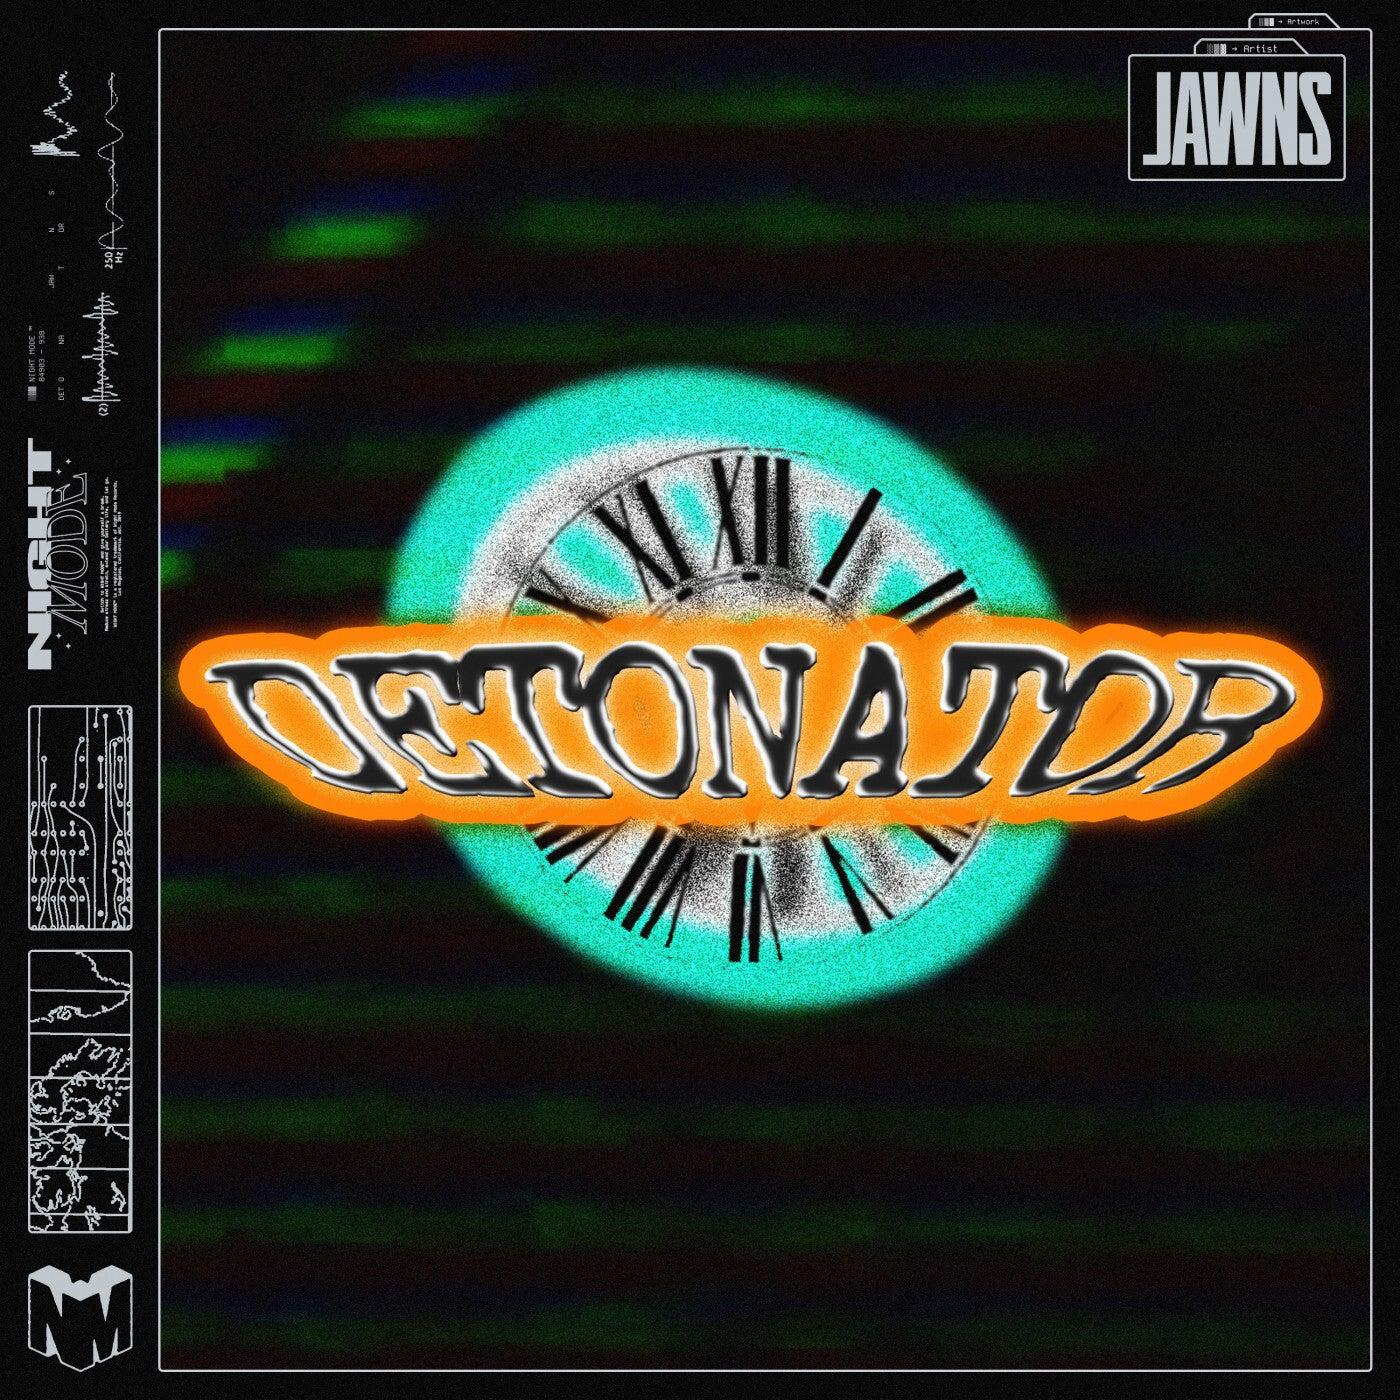 Detonator (Original Mix)